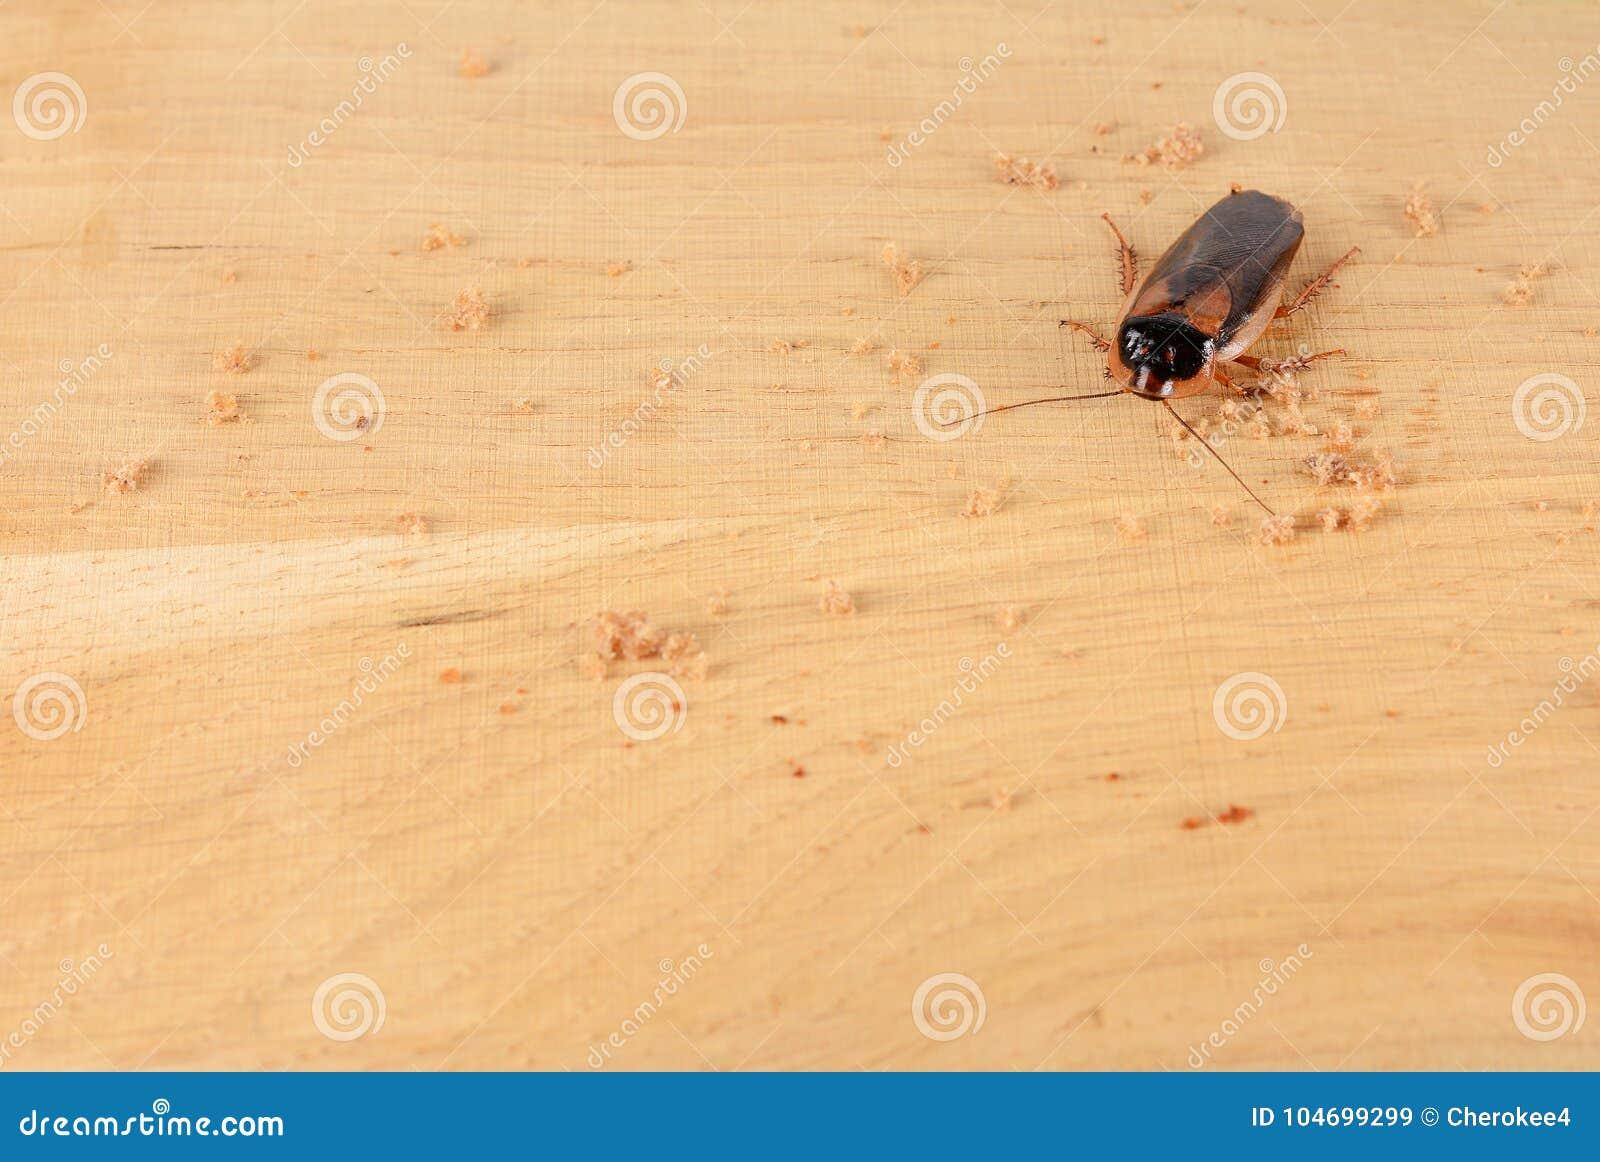 蟑螂在厨房里 由于蟑螂,问题是在房子里